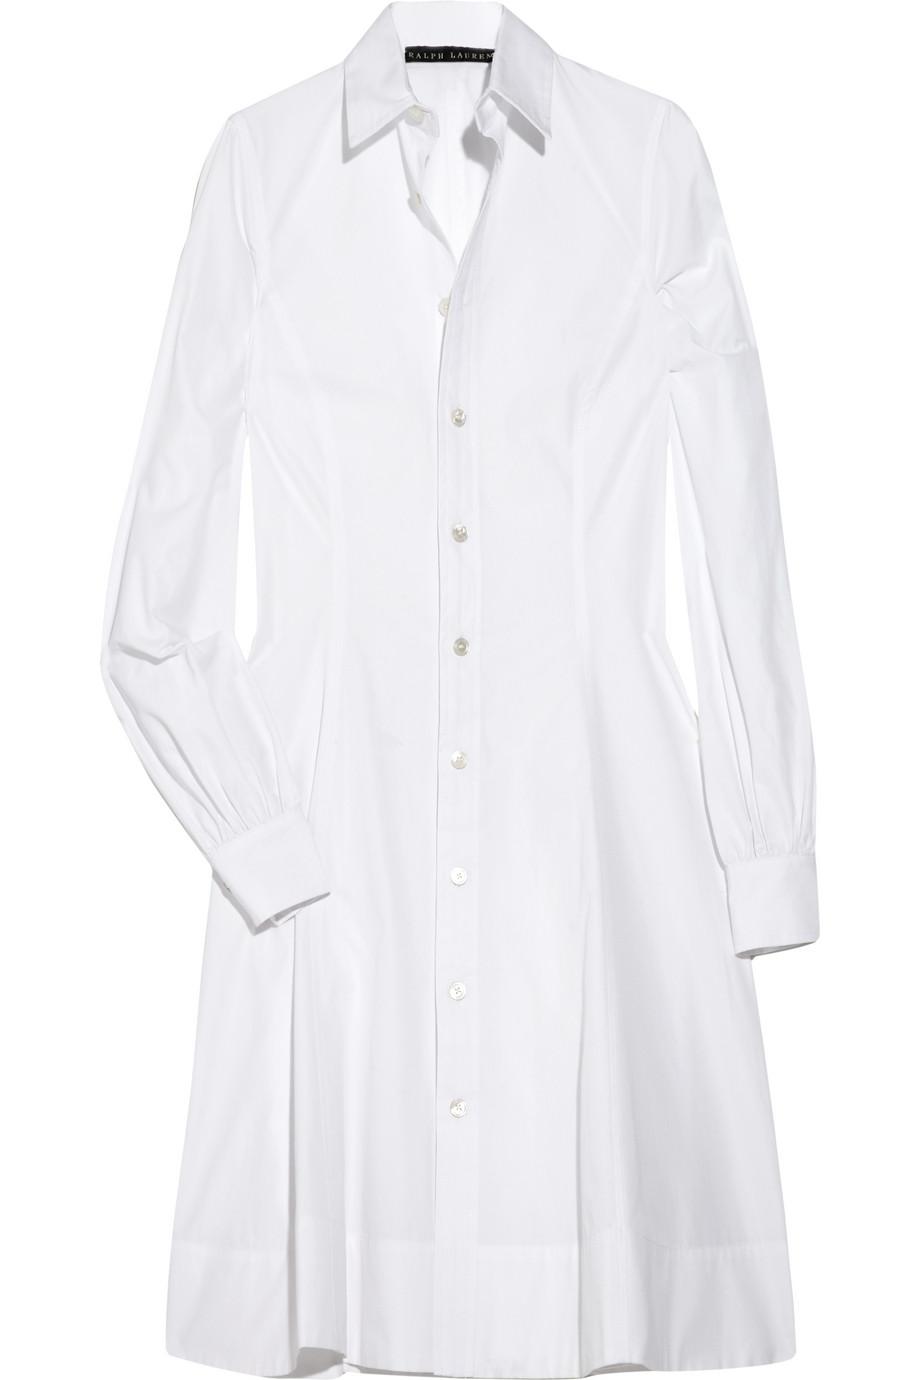 Ralph Lauren Black Label Hilda Cotton Shirt Dress In White